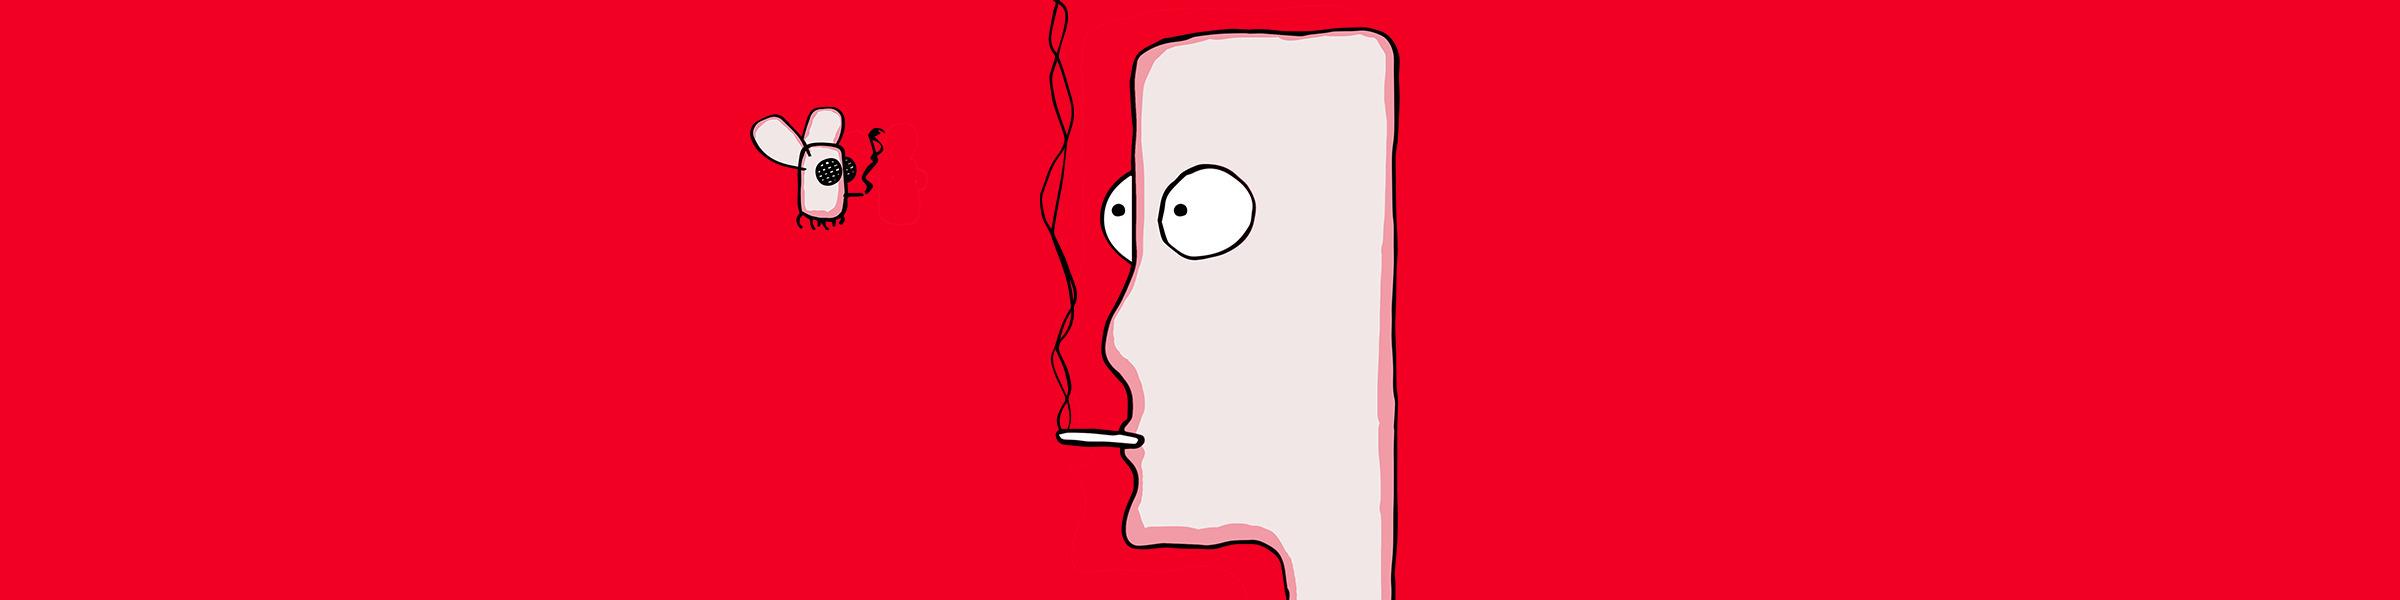 Žarko Kuvalja (@zarko_kuvalja) Cover Image